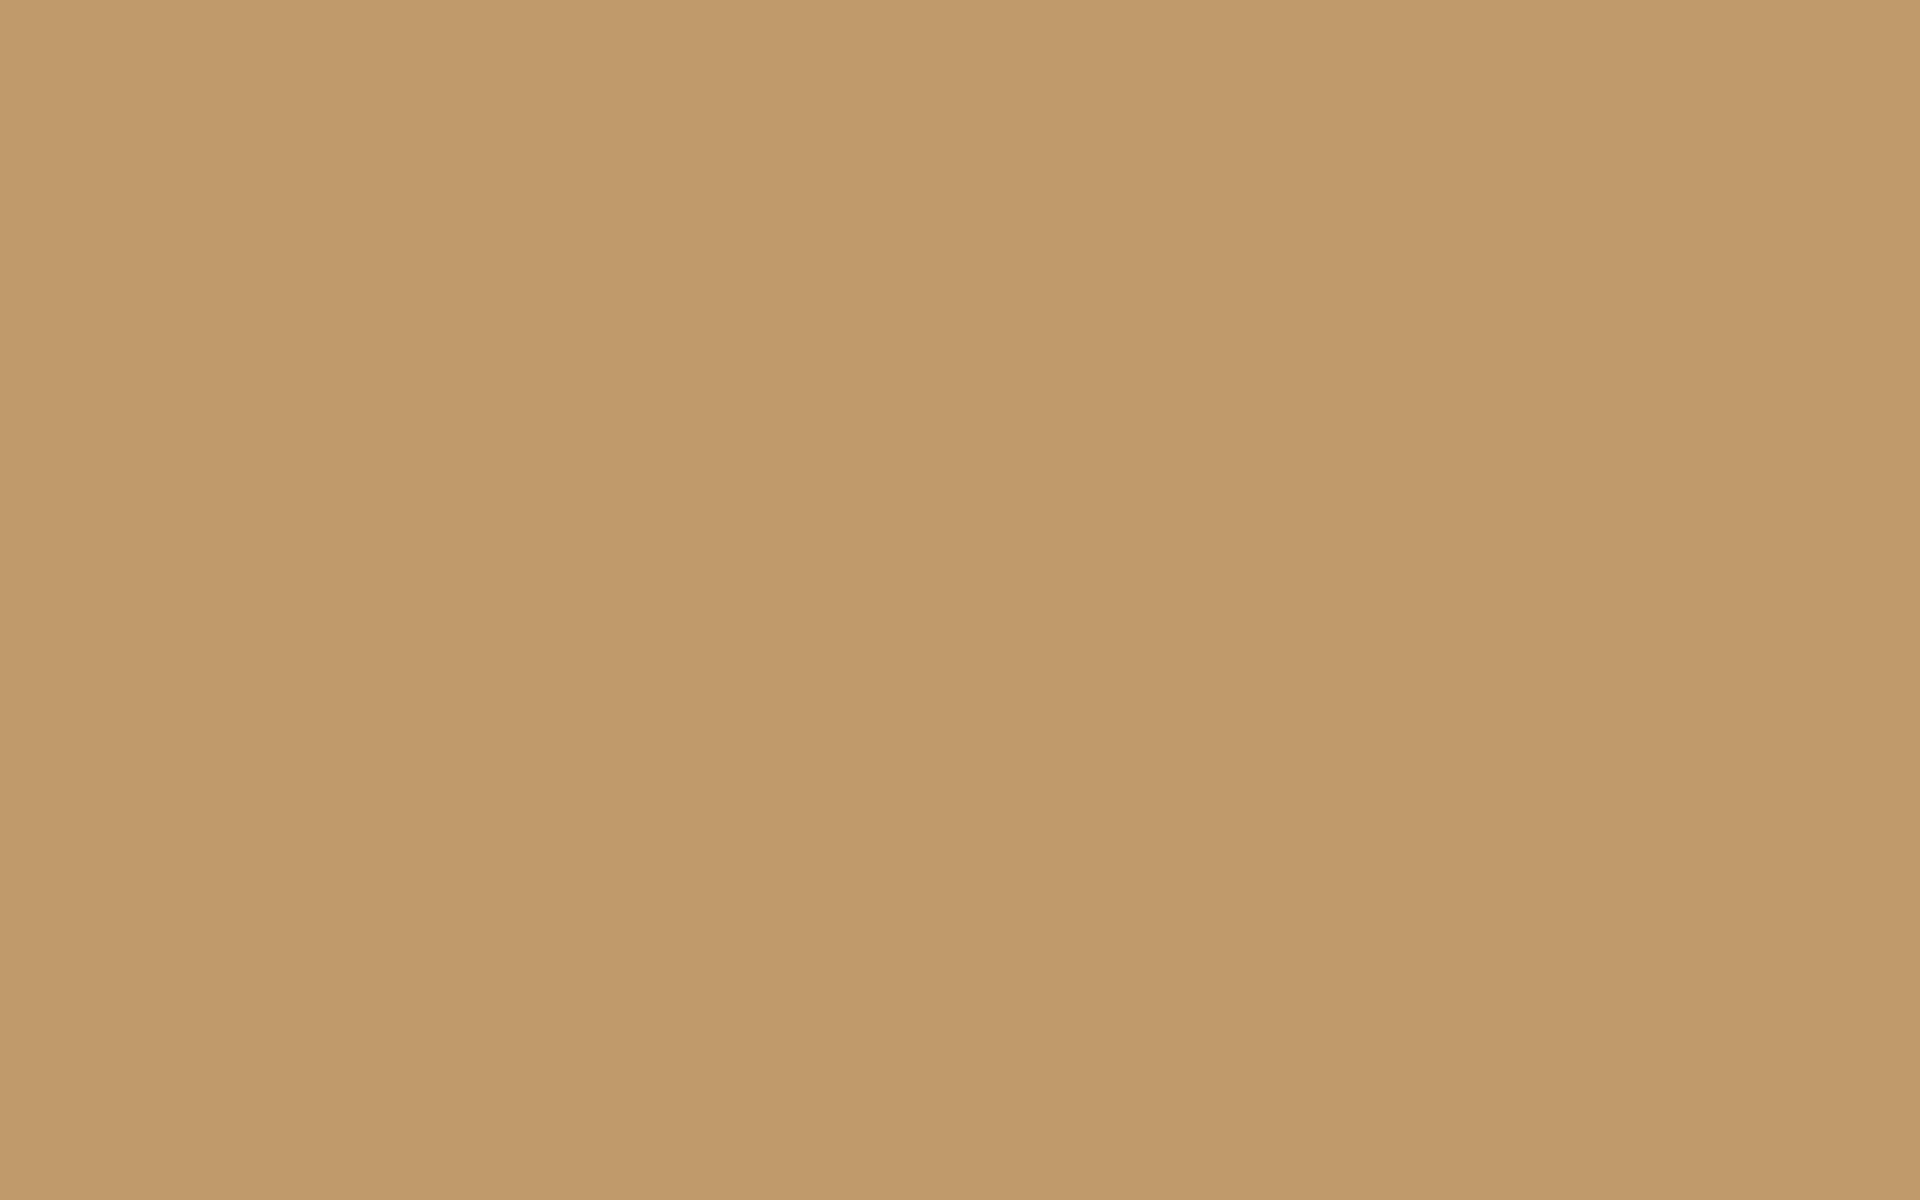 1920x1200 camel solid color background. Black Bedroom Furniture Sets. Home Design Ideas